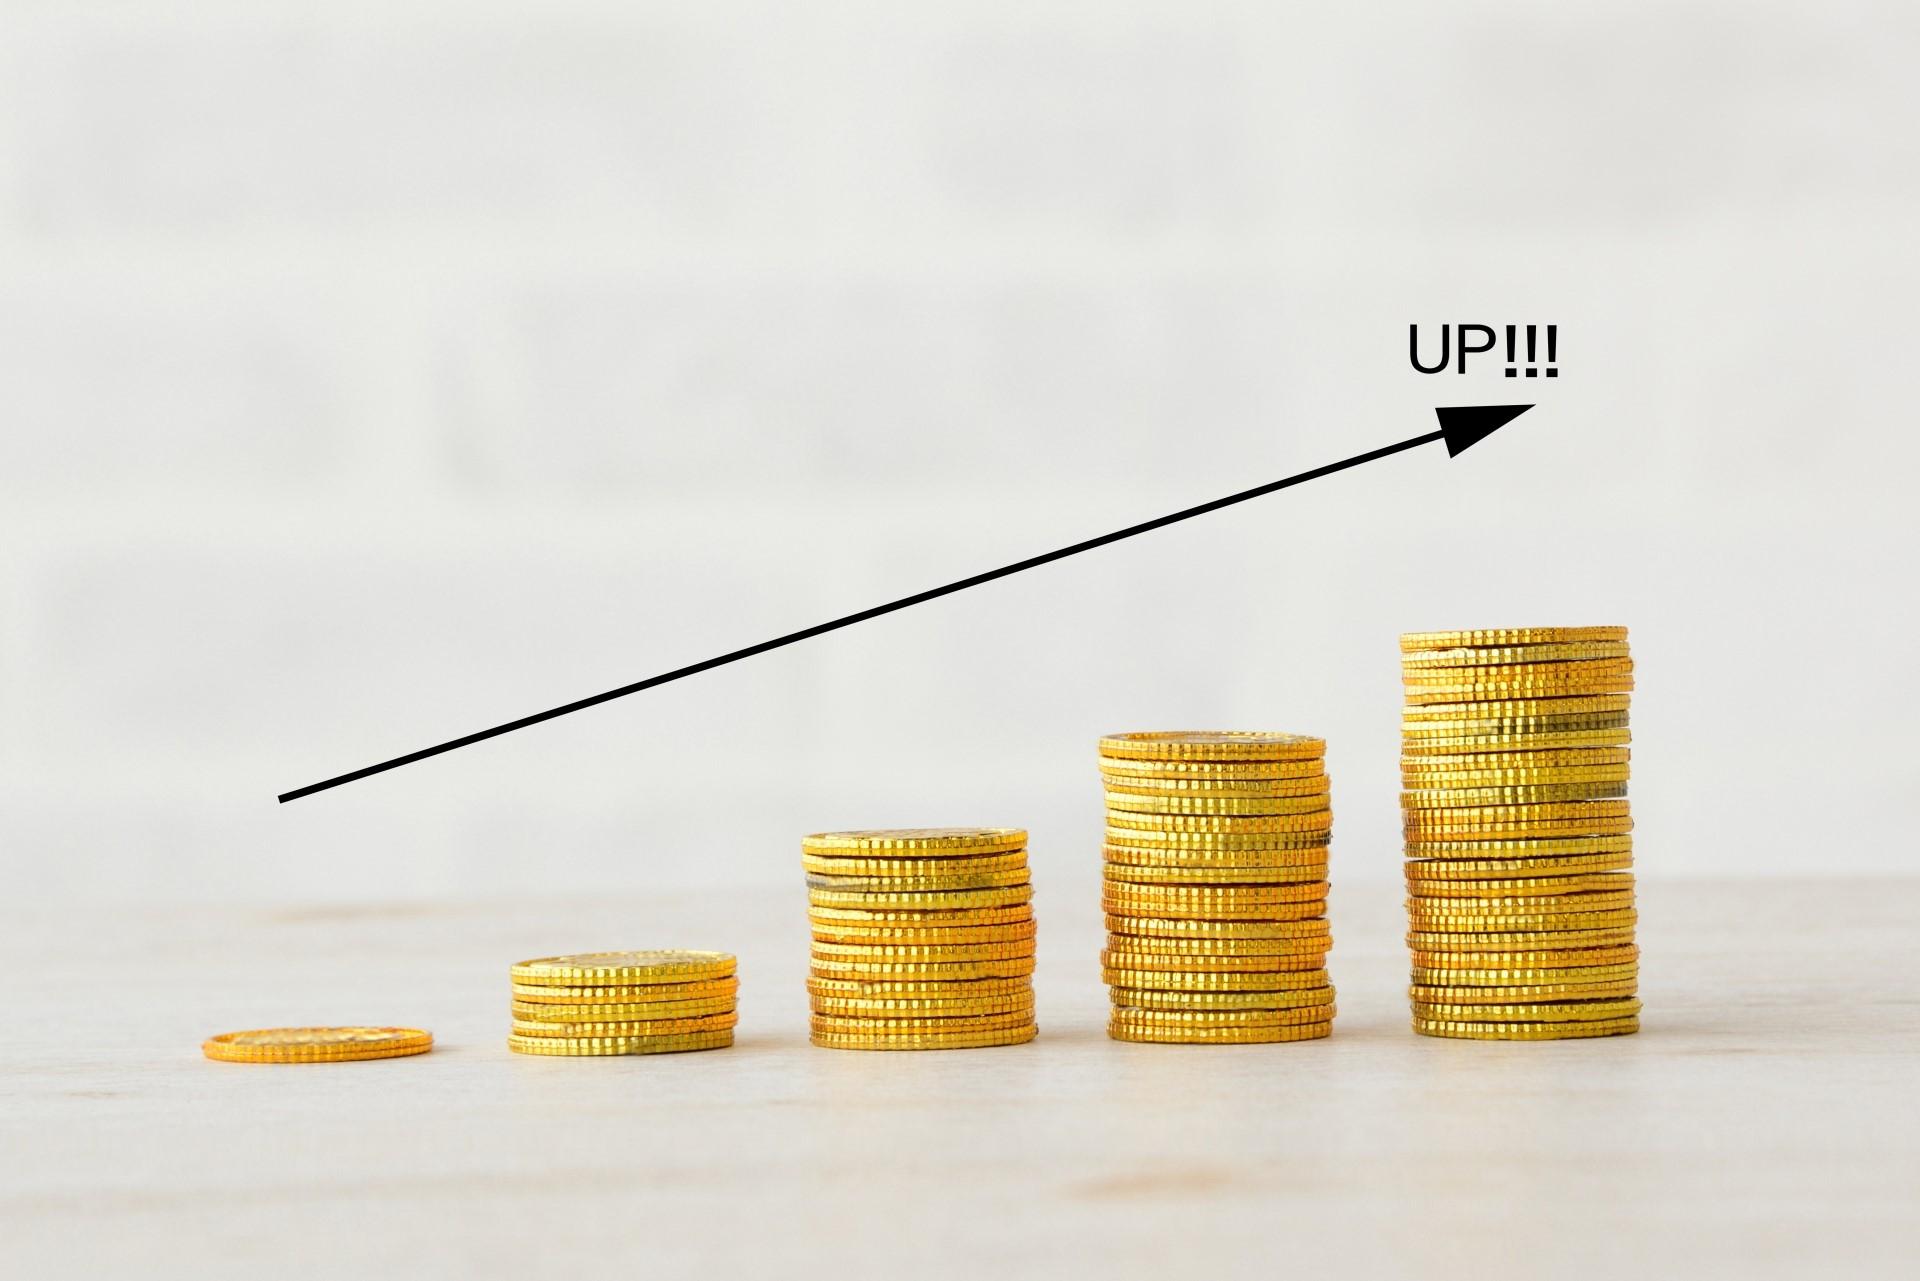 早期に投資回収し収益化が可能